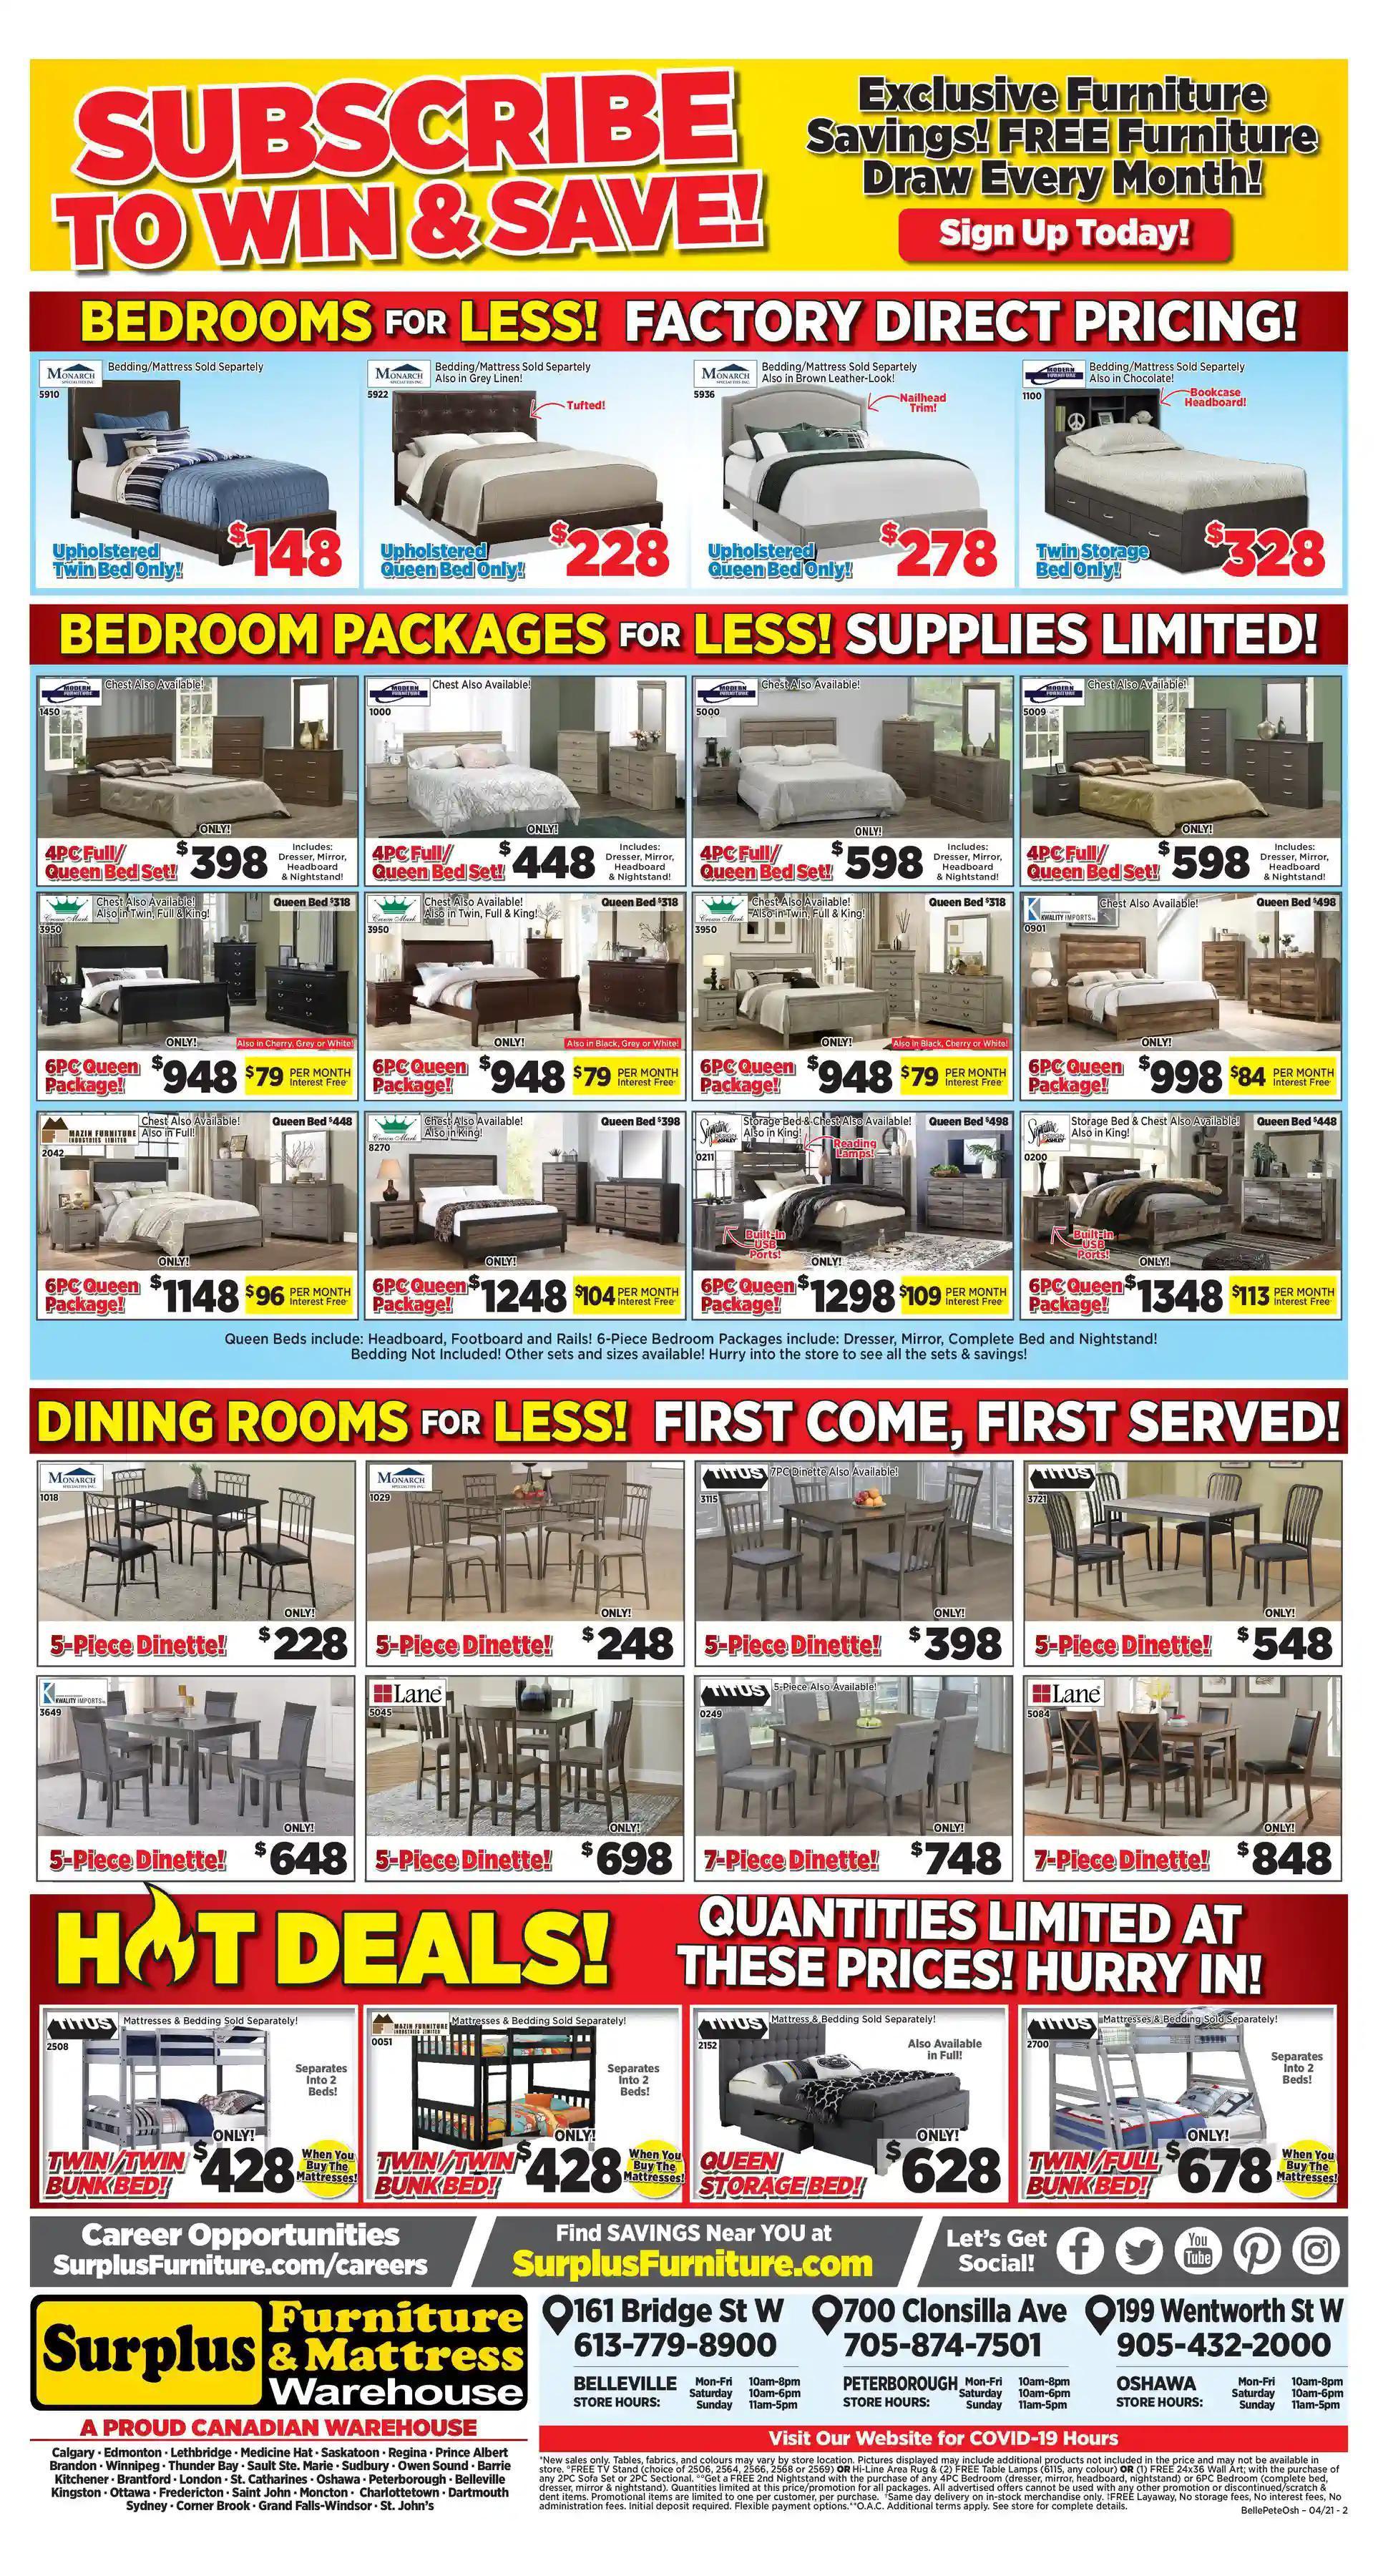 Surplus Furniture & Mattress Warehouse - 3 Weeks of Savings - Page 3